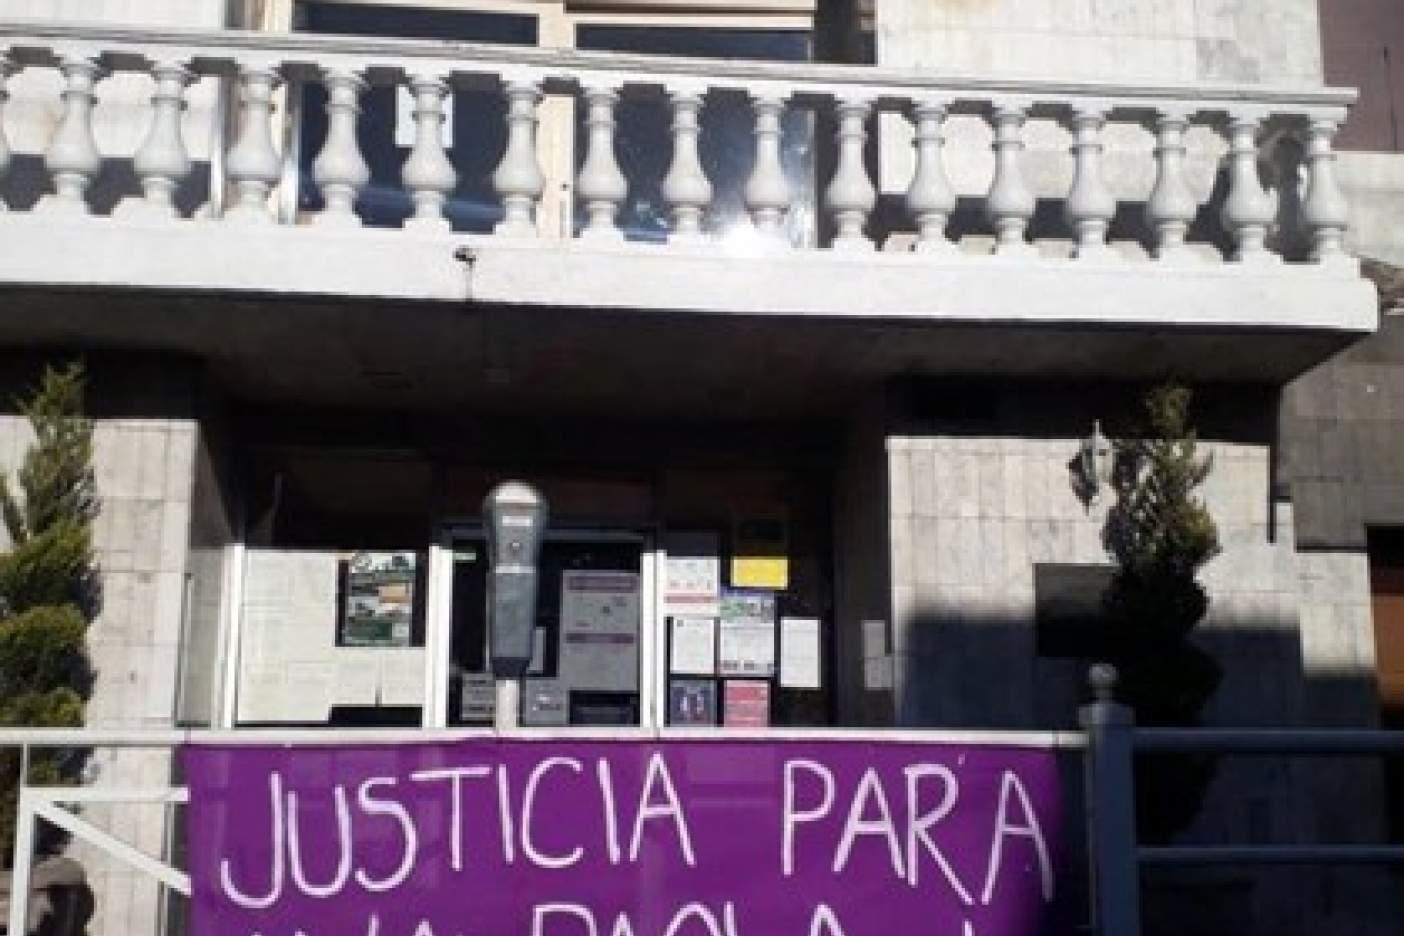 Crece protesta #JusticiaParaAnaPaola por asesinato de adolescente de 13 años en Sonora